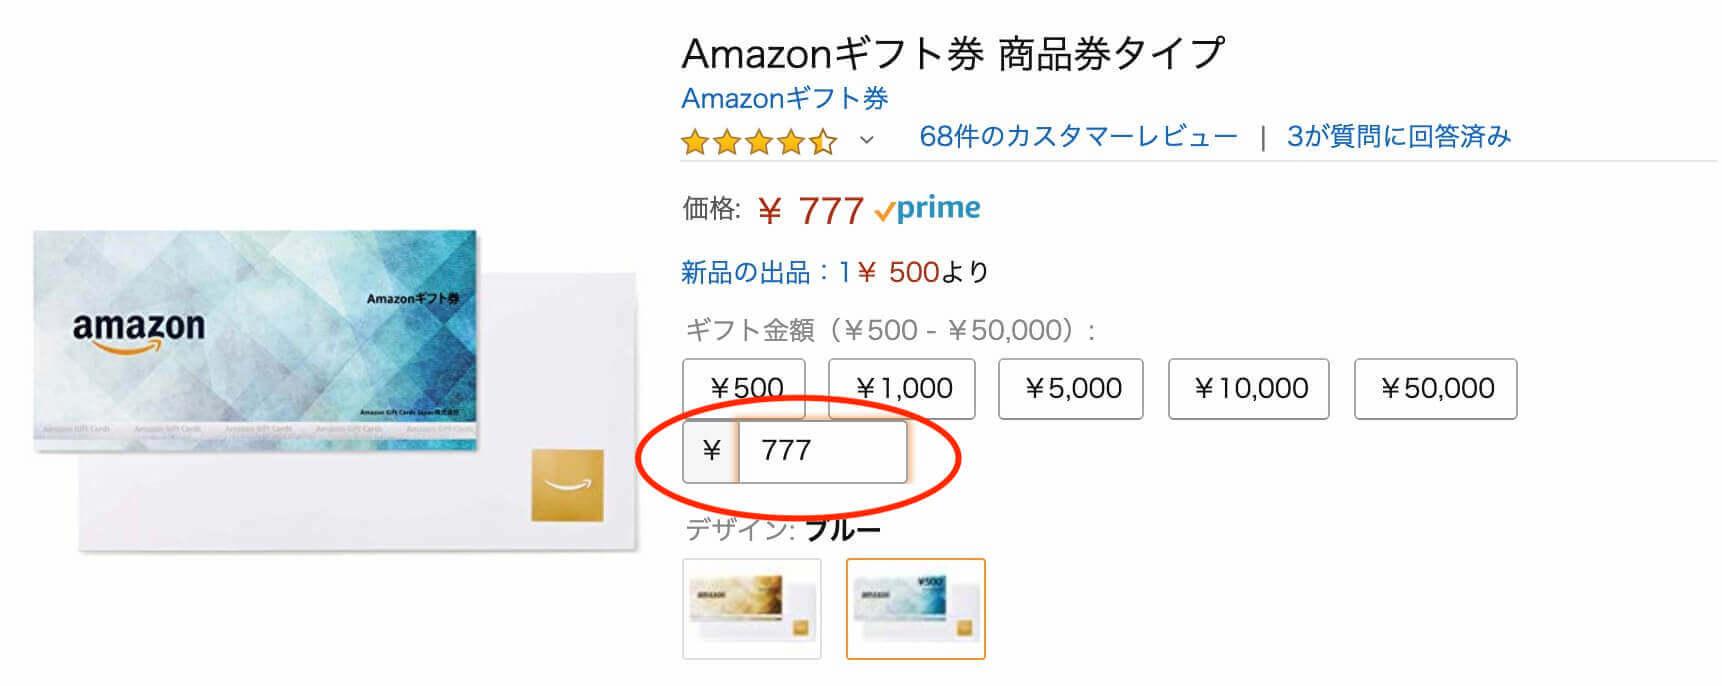 Amazonギフト券を買おうとしている